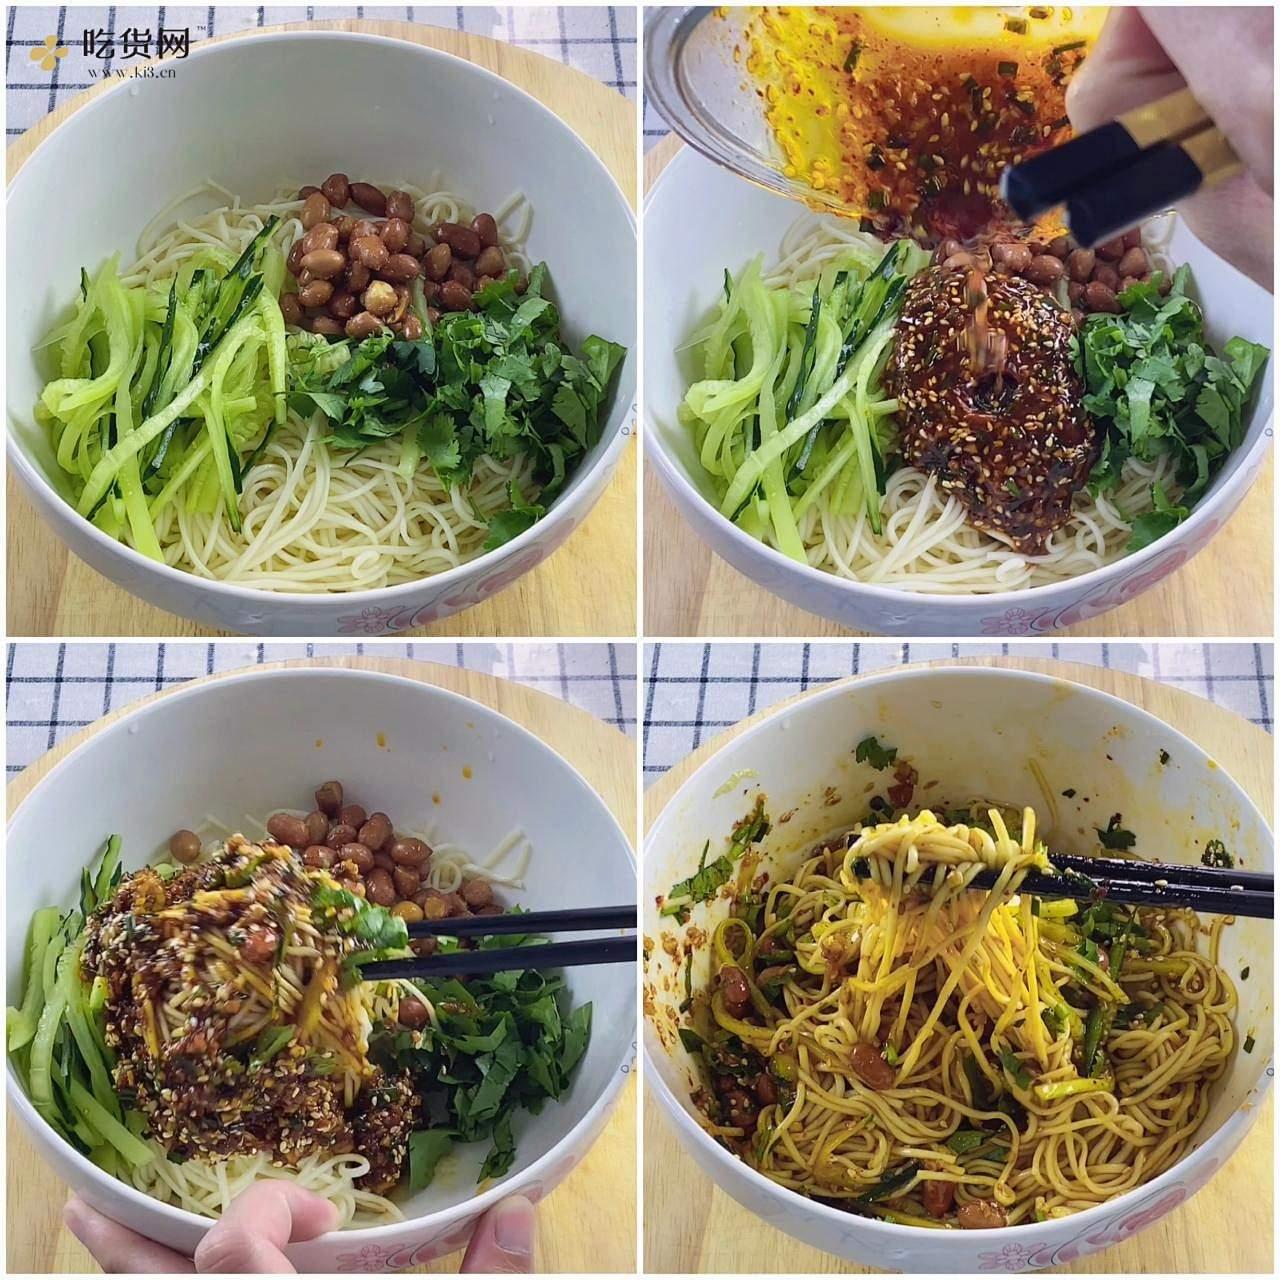 【酸辣凉拌面】夏天必备,酸辣开胃,连吃三大碗的做法 步骤5